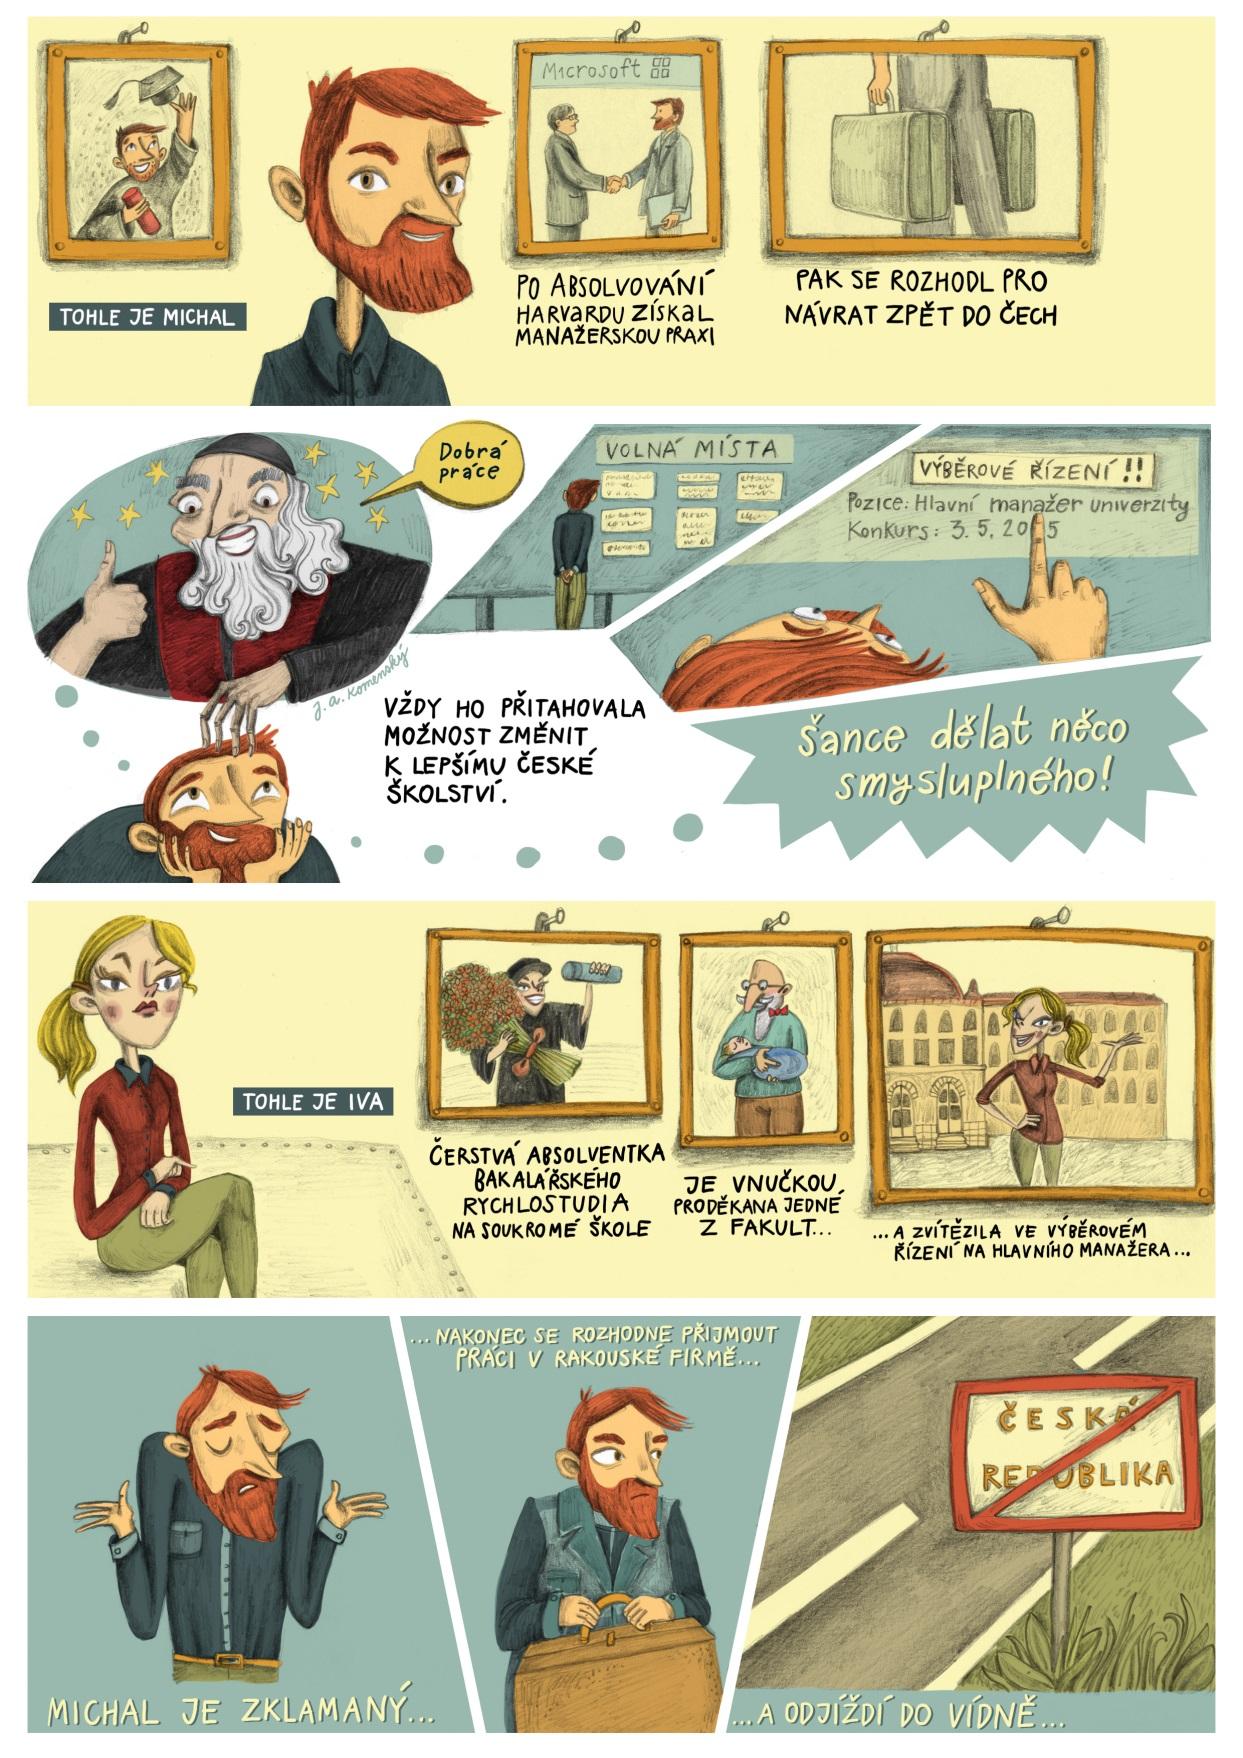 Ukázka komiksu k tématu